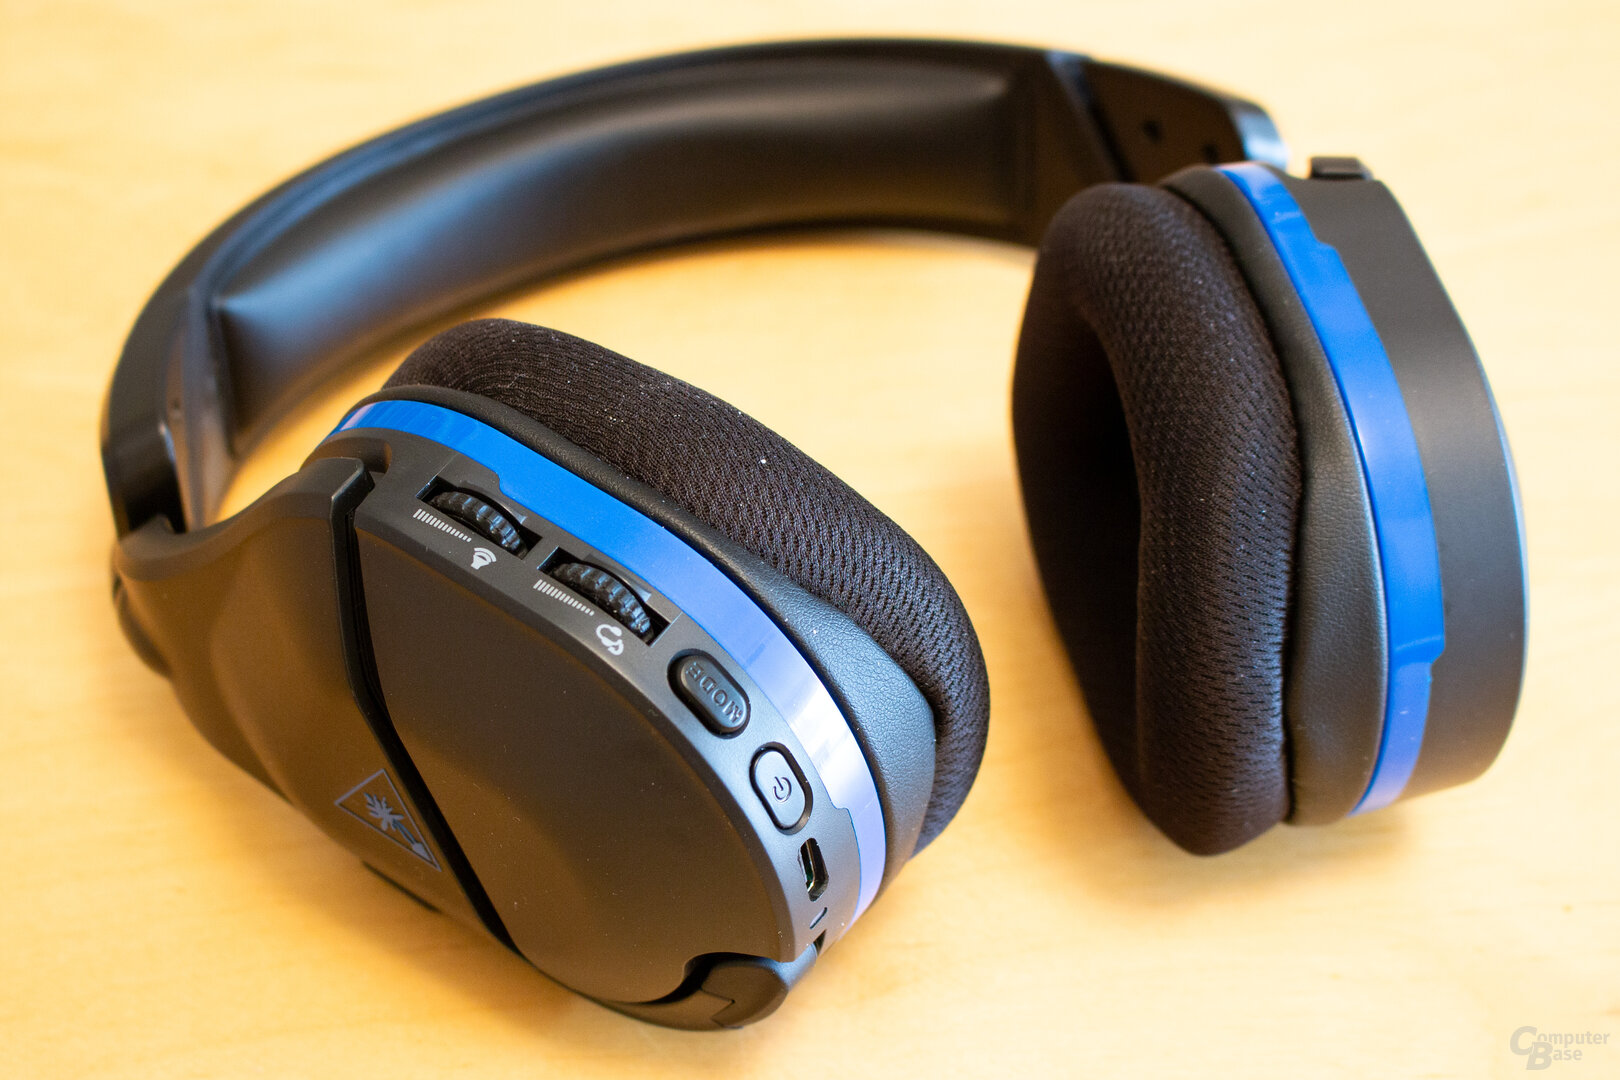 Das Stealth 600 Gen 2 bietet einige Bedienelemente direkt am Headset